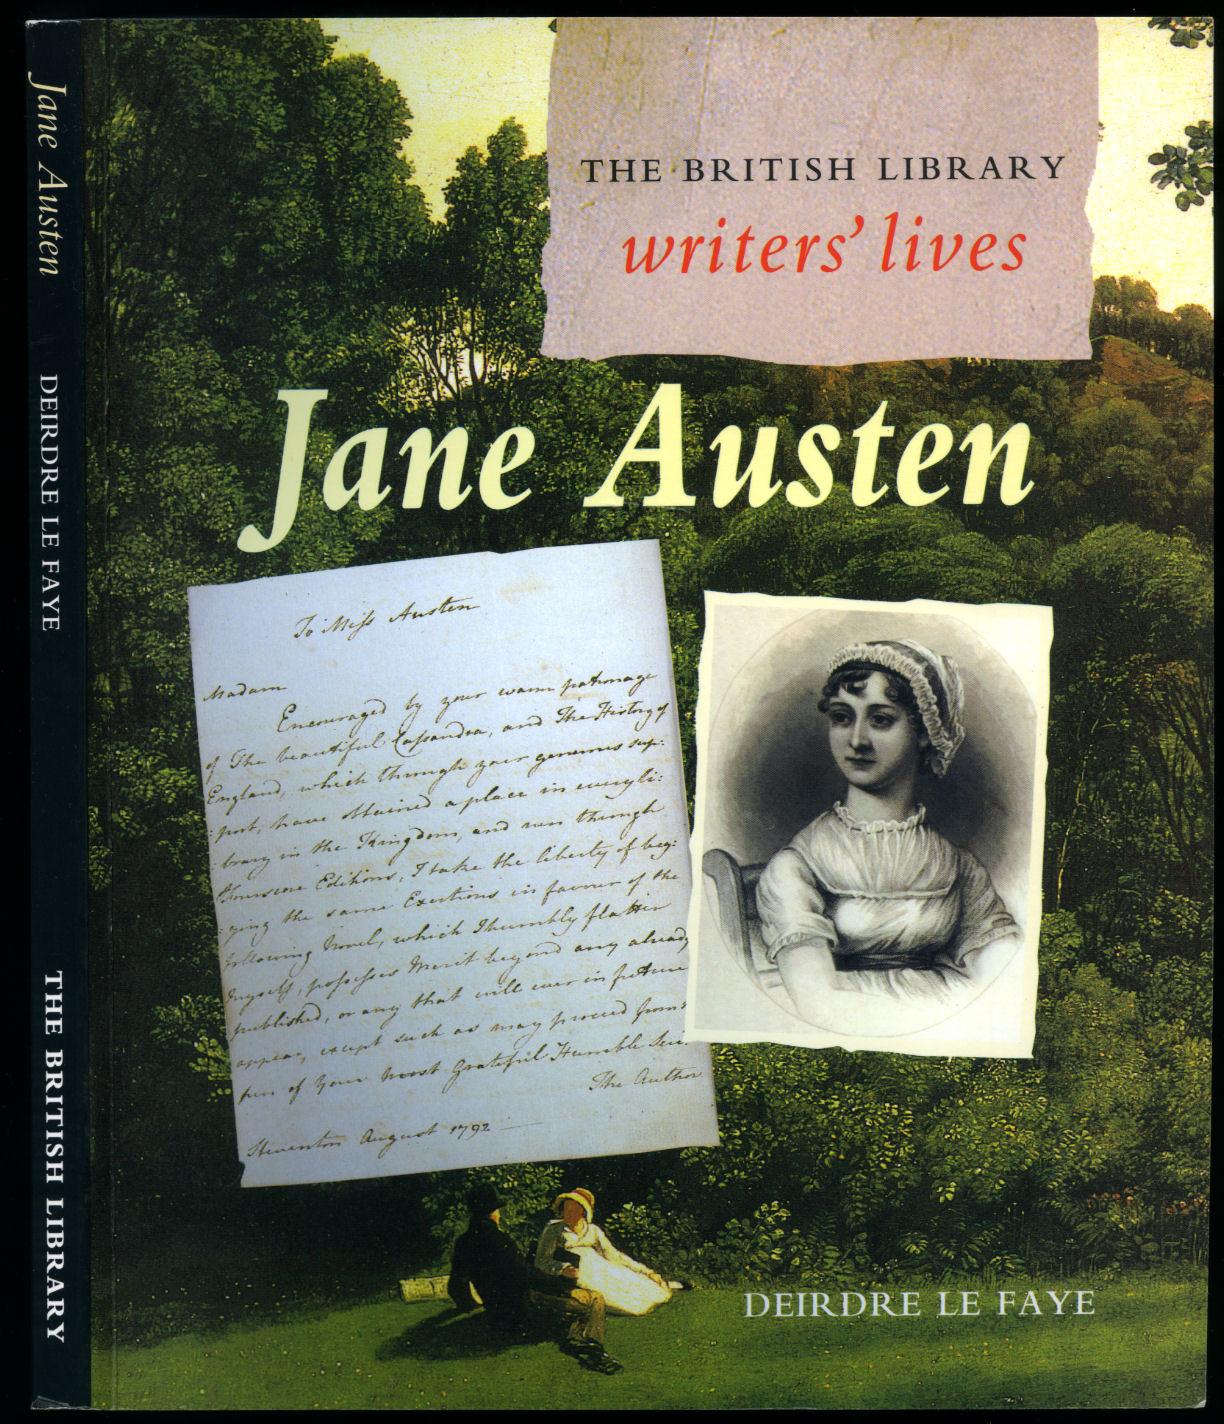 LE FAYE, DEIRDRE [JANE AUSTEN 1775-1817] - British Library Writers' Lives   Jane Austen